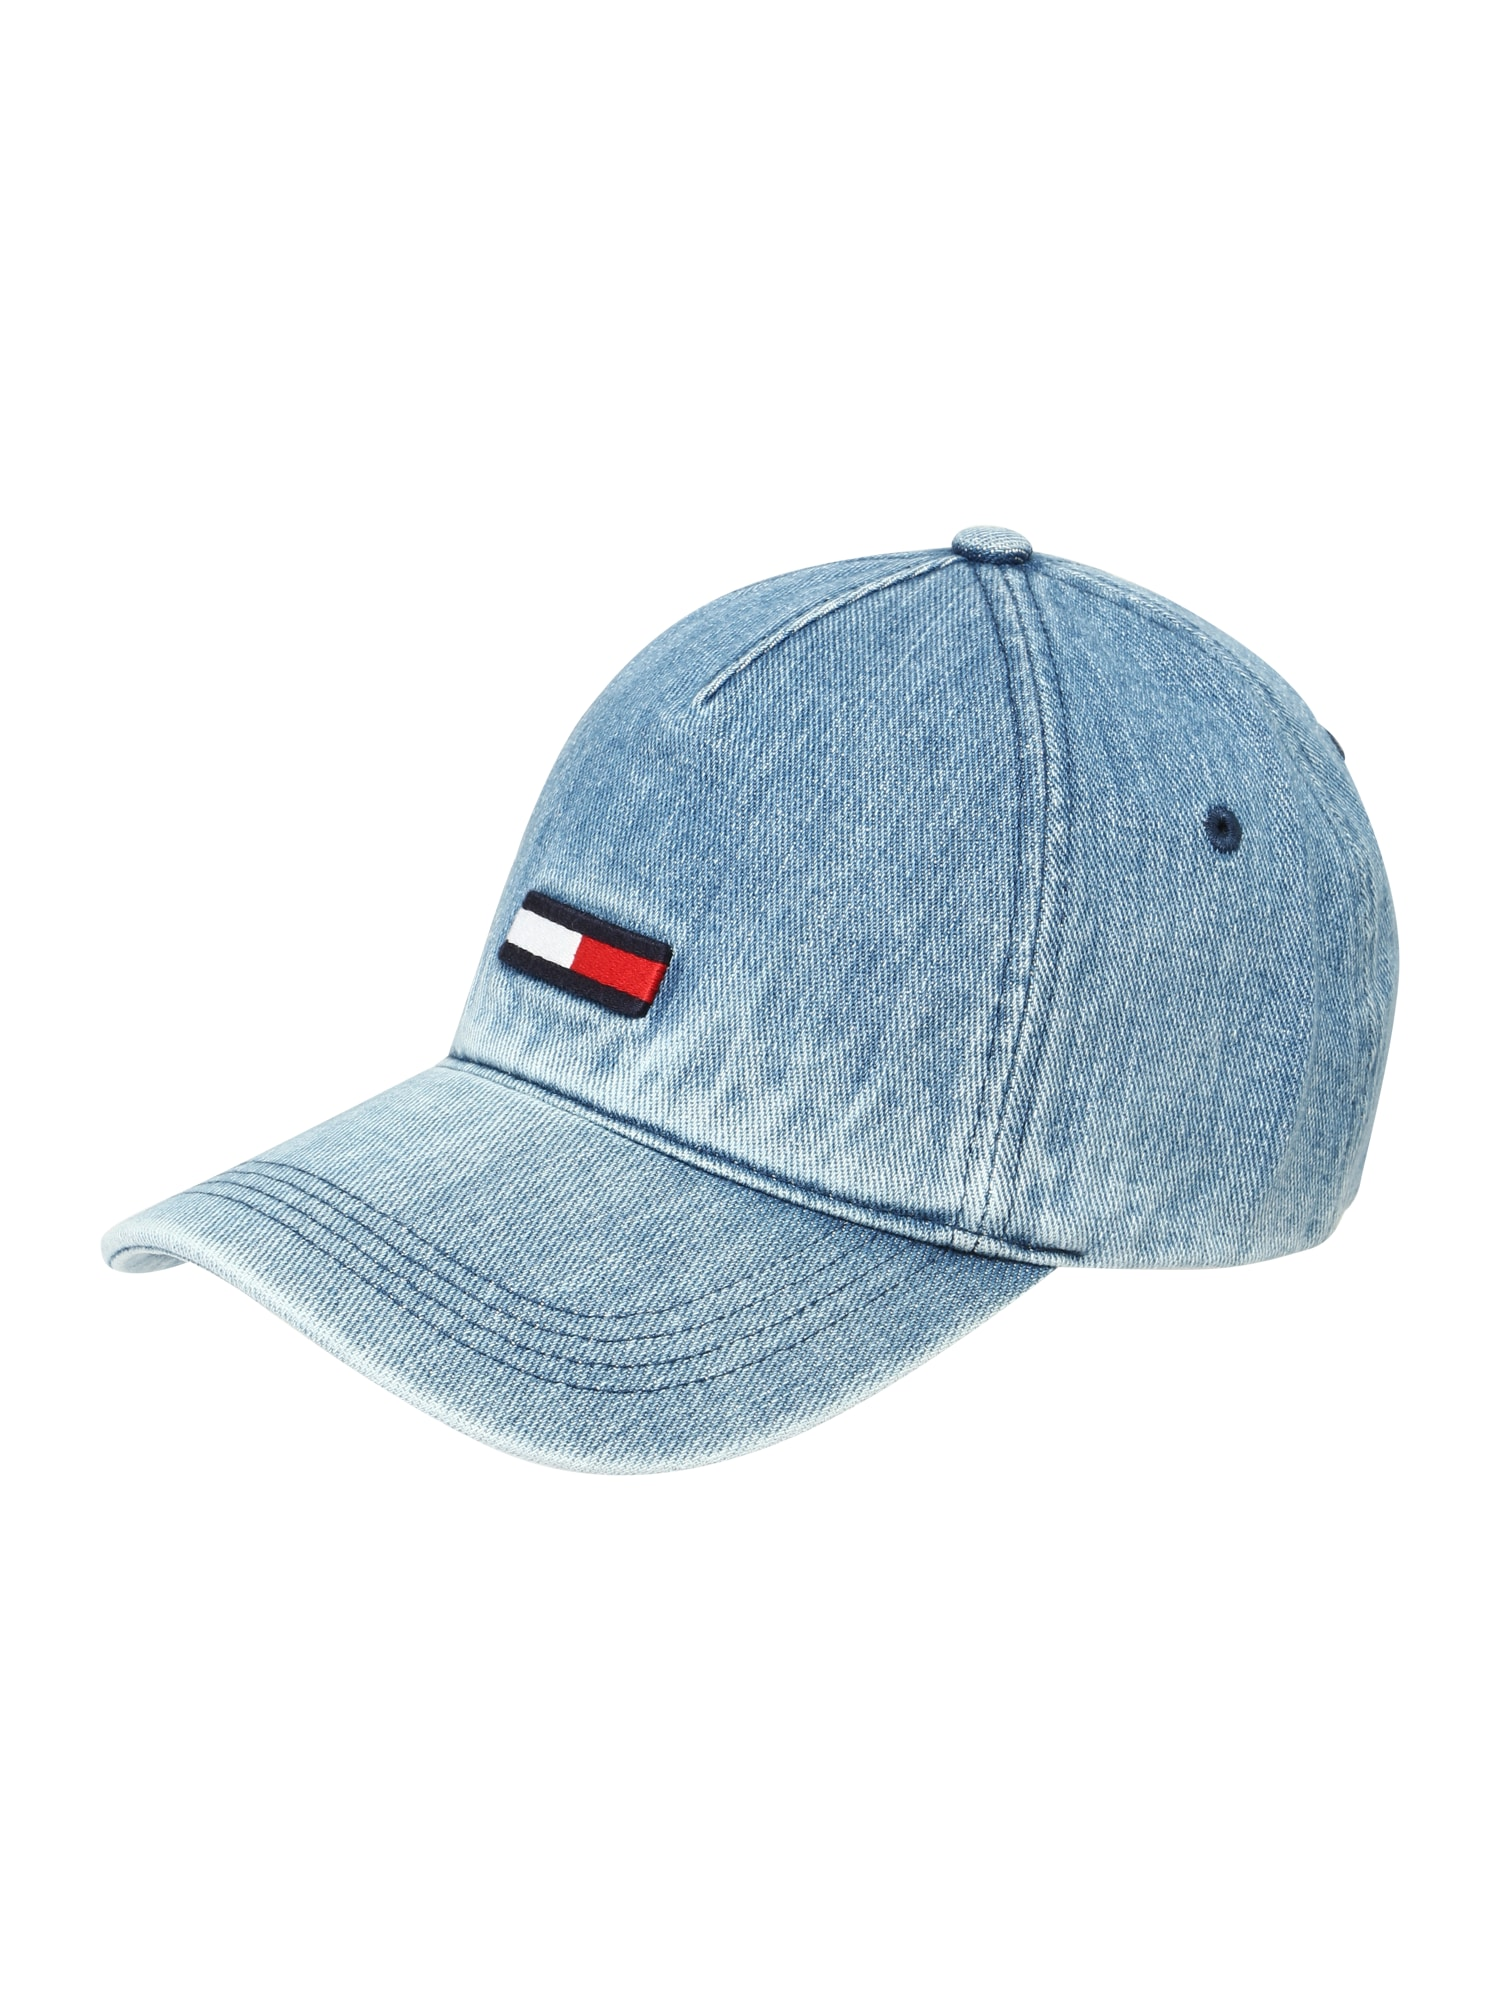 Čepice TJW FLAG CAP DENIM modrá džínovina Tommy Jeans